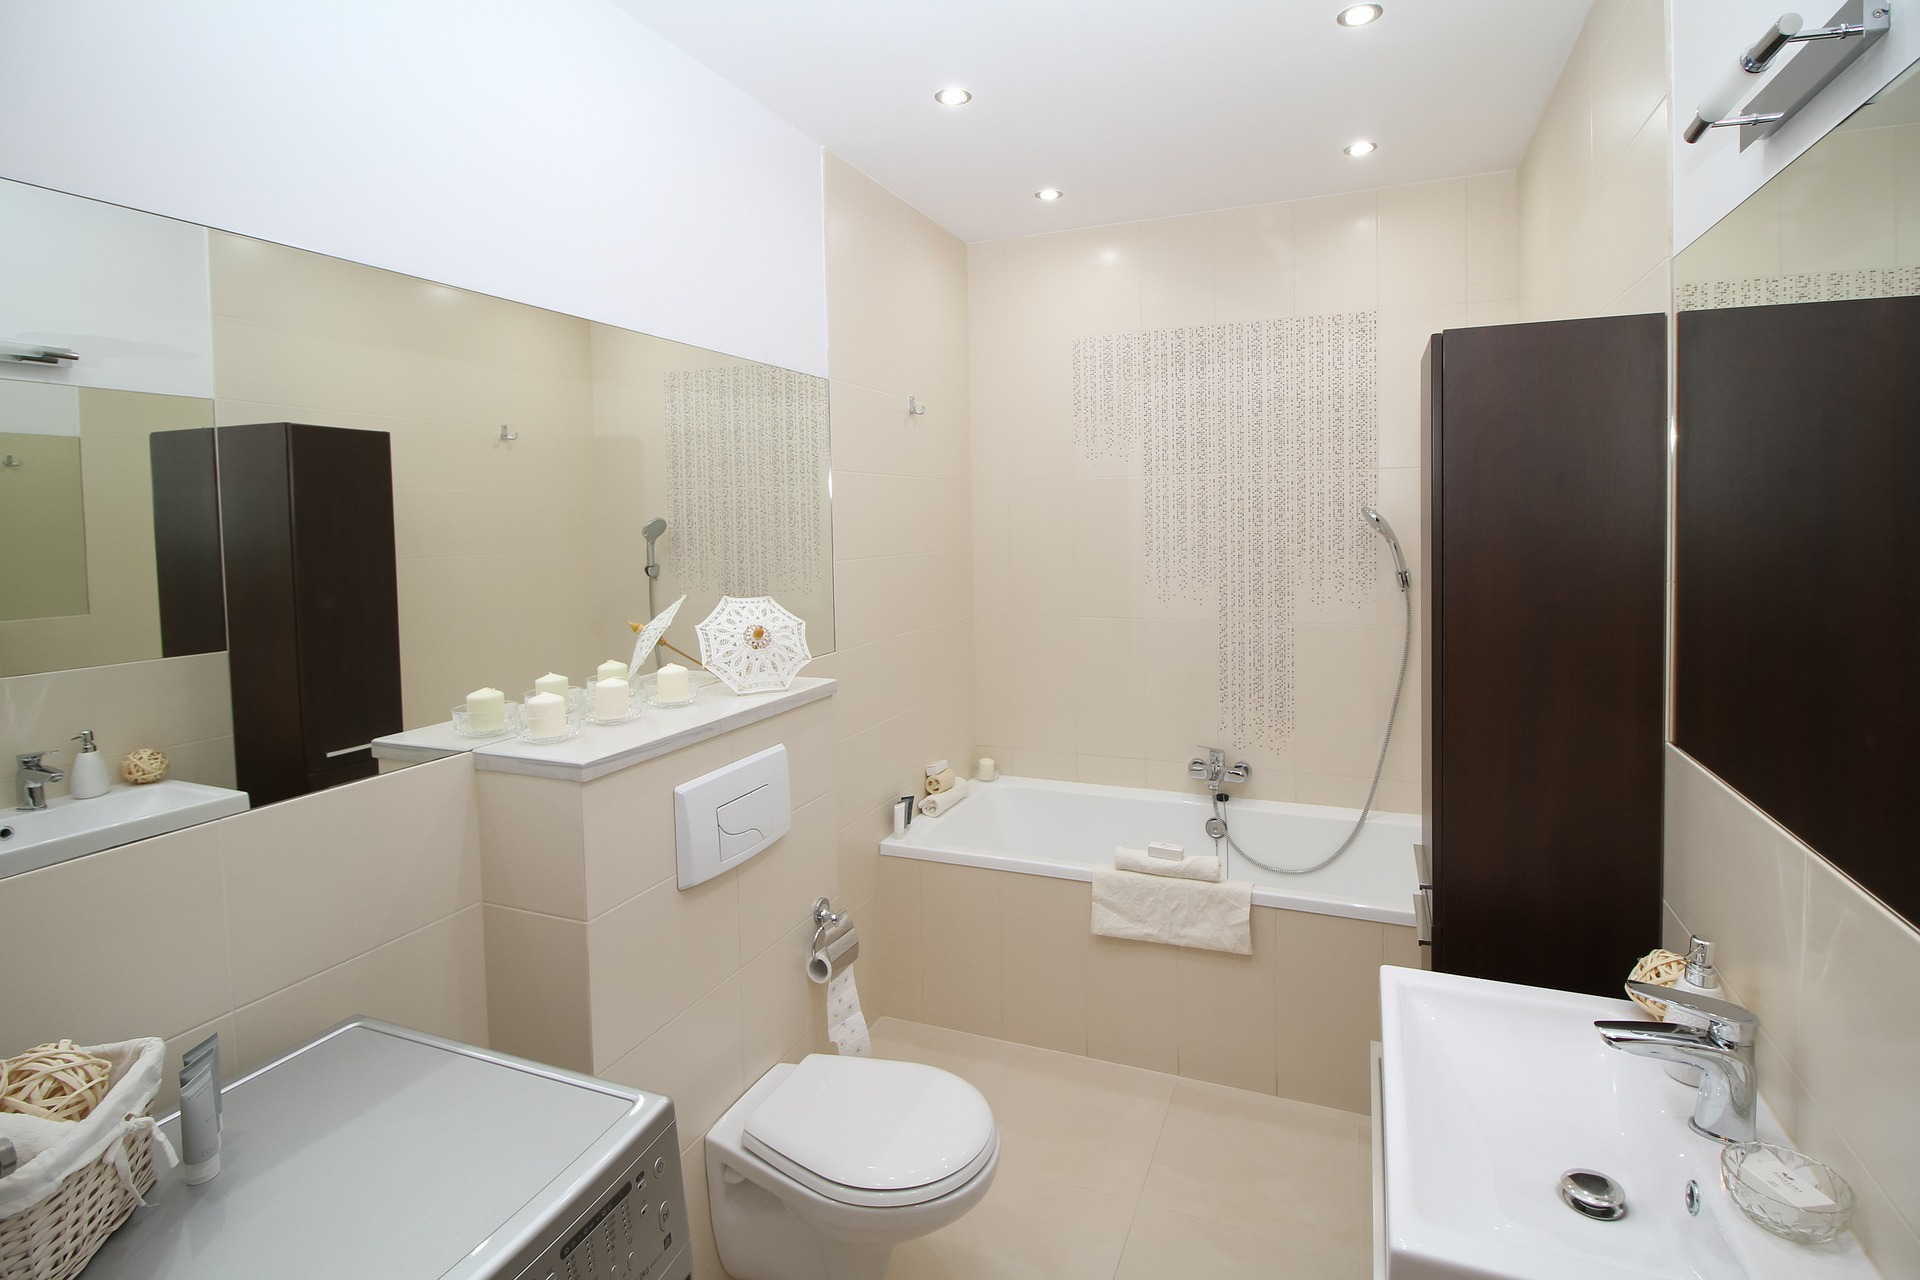 Ventilatie in de badkamer #badkamer